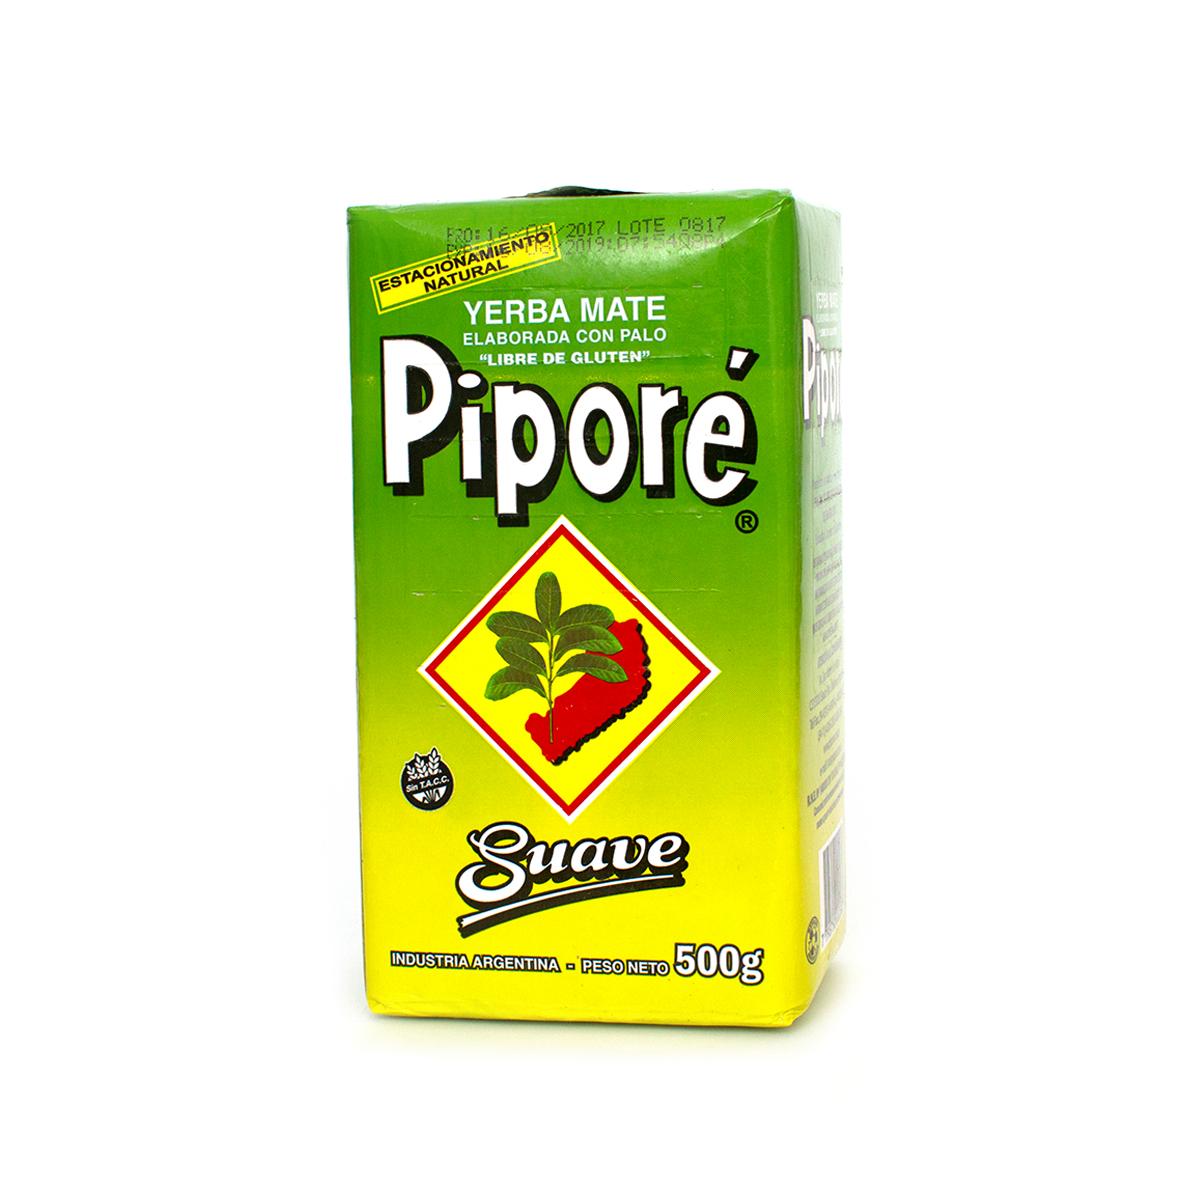 Мате Pipore Suave pressed, 500 г мате amanda tradicional pressed 250 г